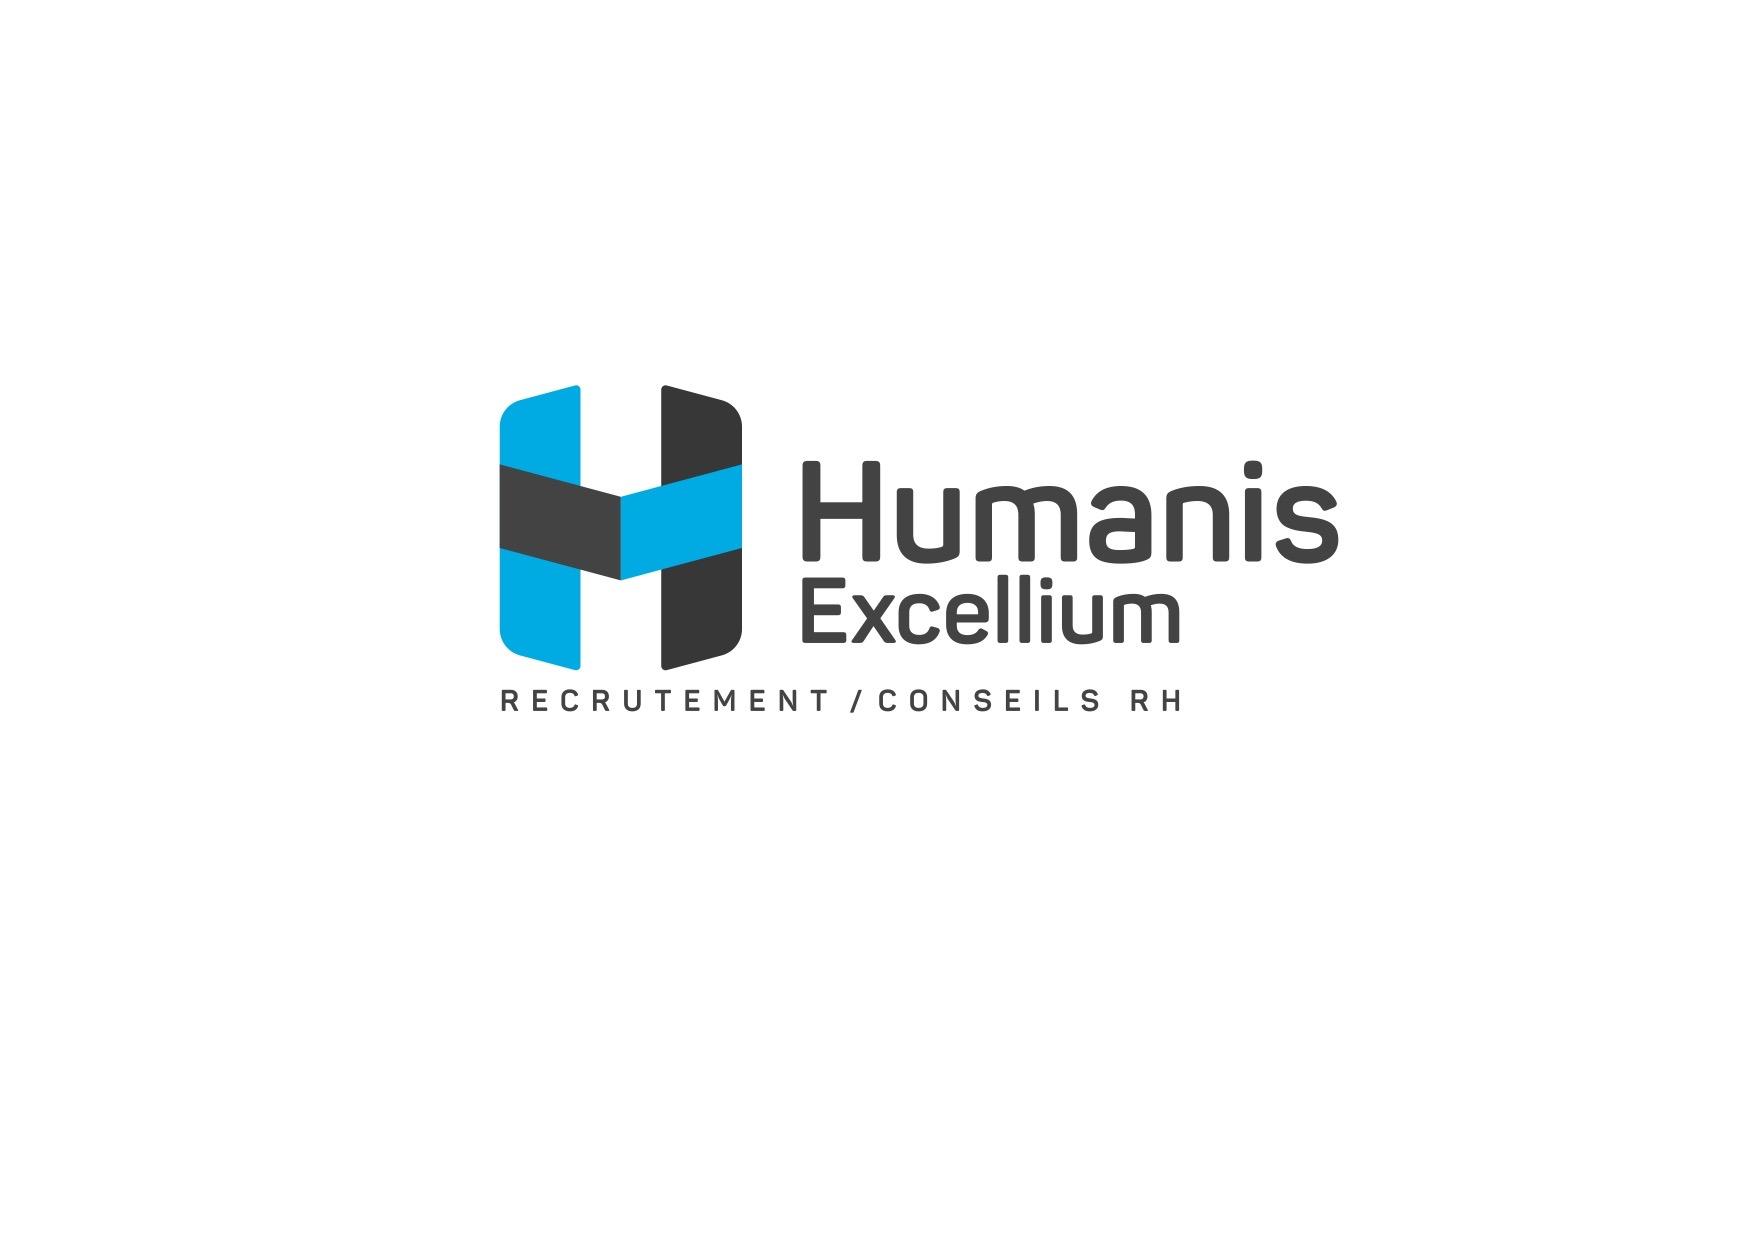 Logo HUMANIS EXCELLIUM